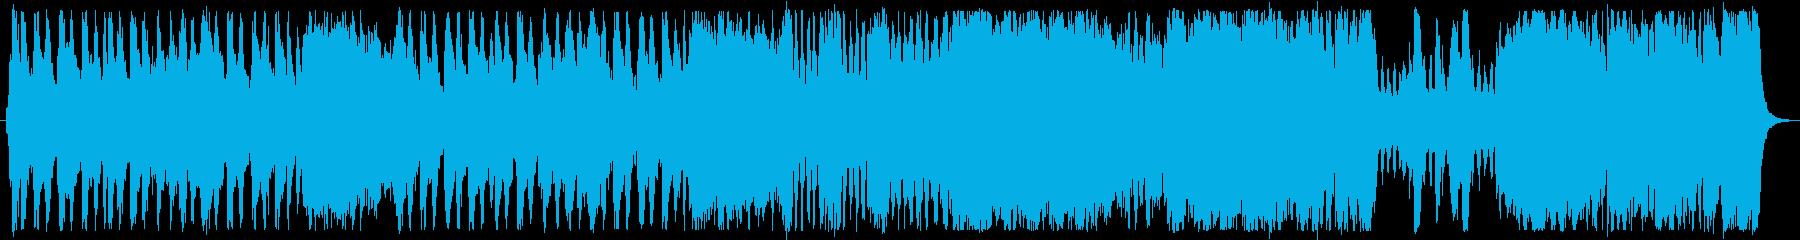 オーケストラのゲーム音楽風。戦闘シーン。の再生済みの波形